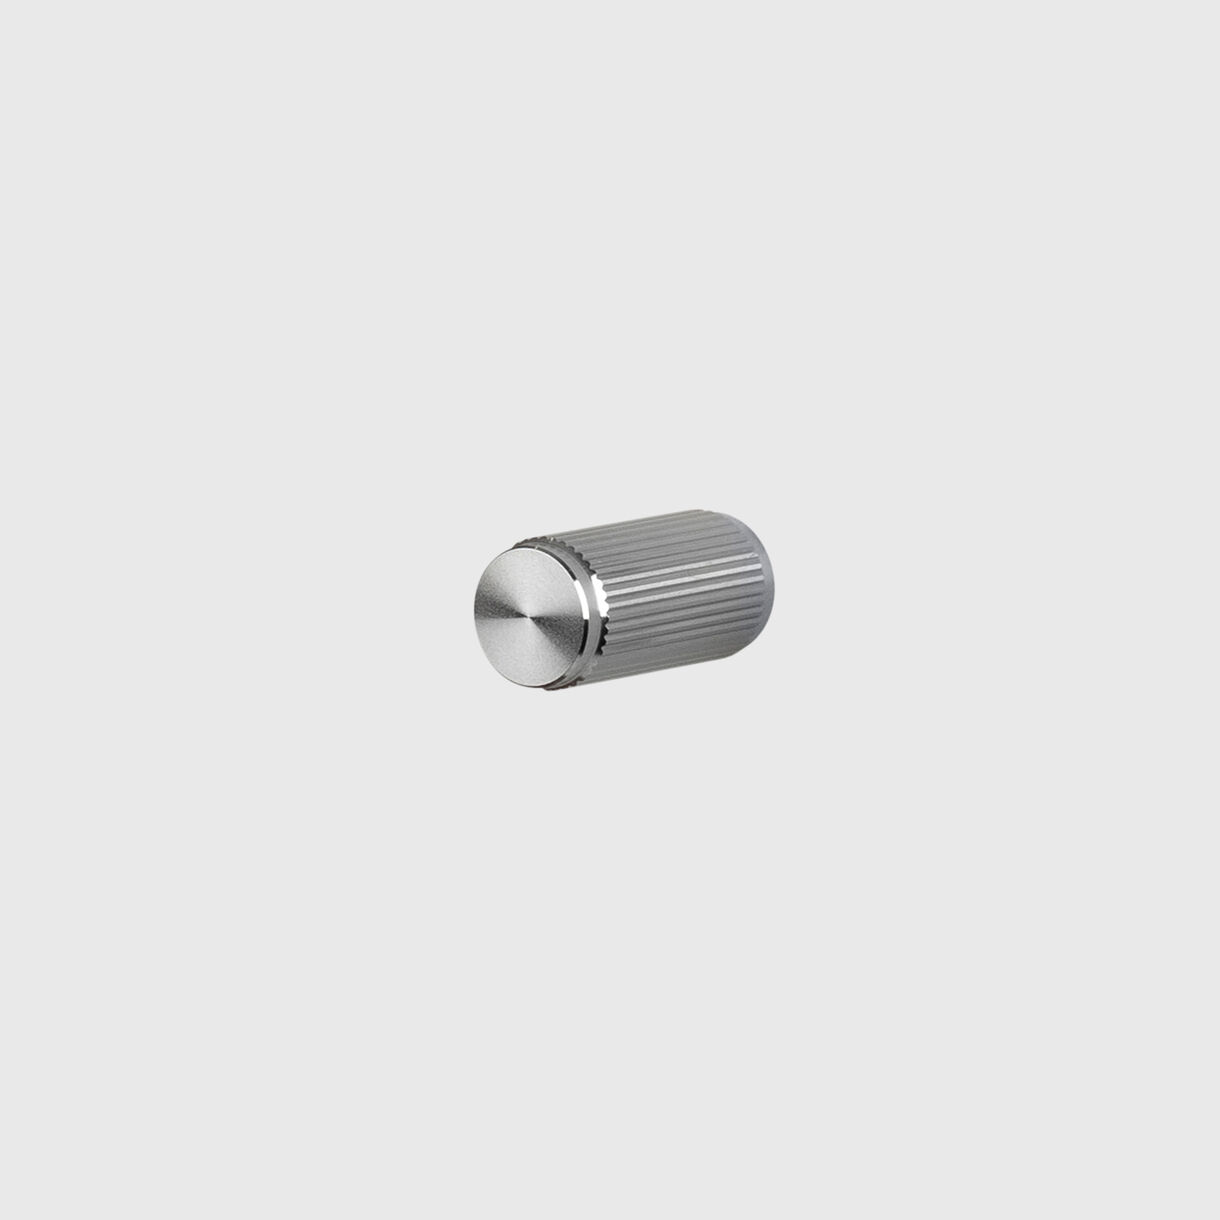 Furniture Knob Linear, Steel